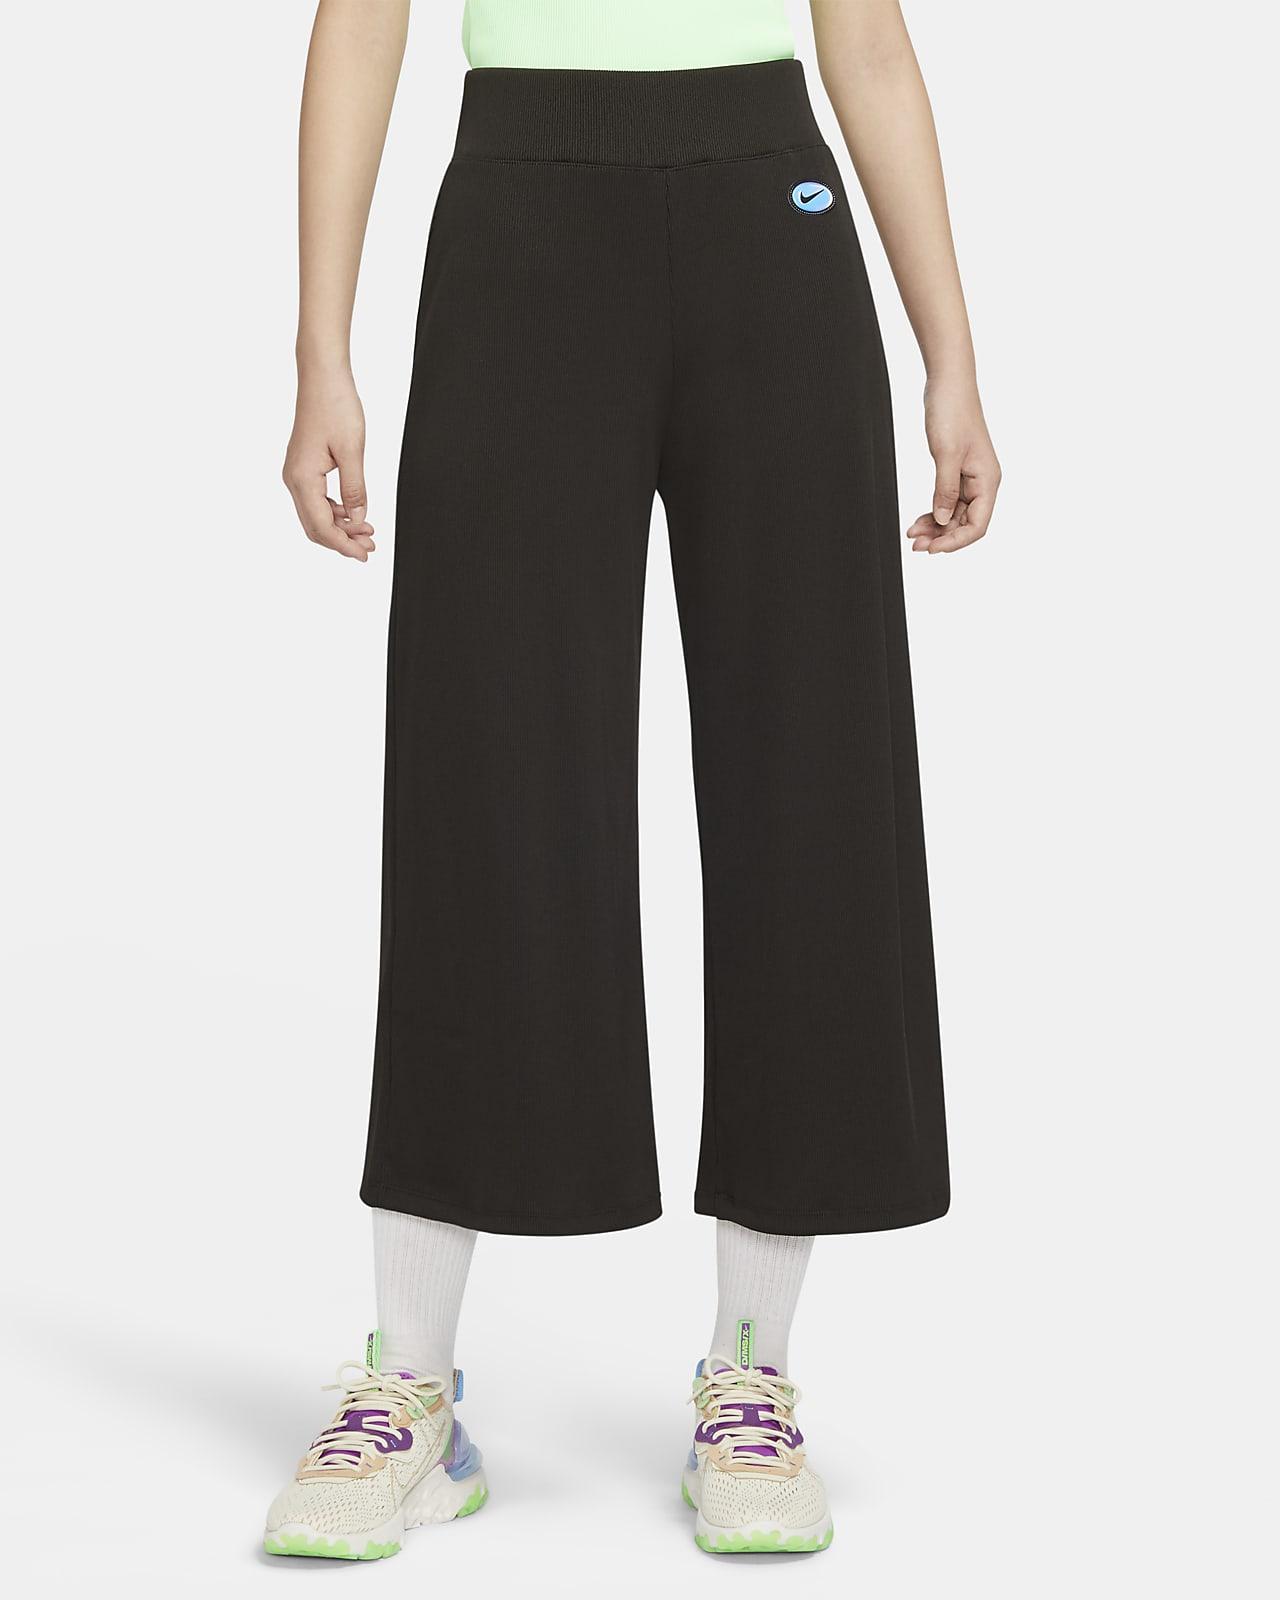 Nike Sportswear Women's Ribbed Pants